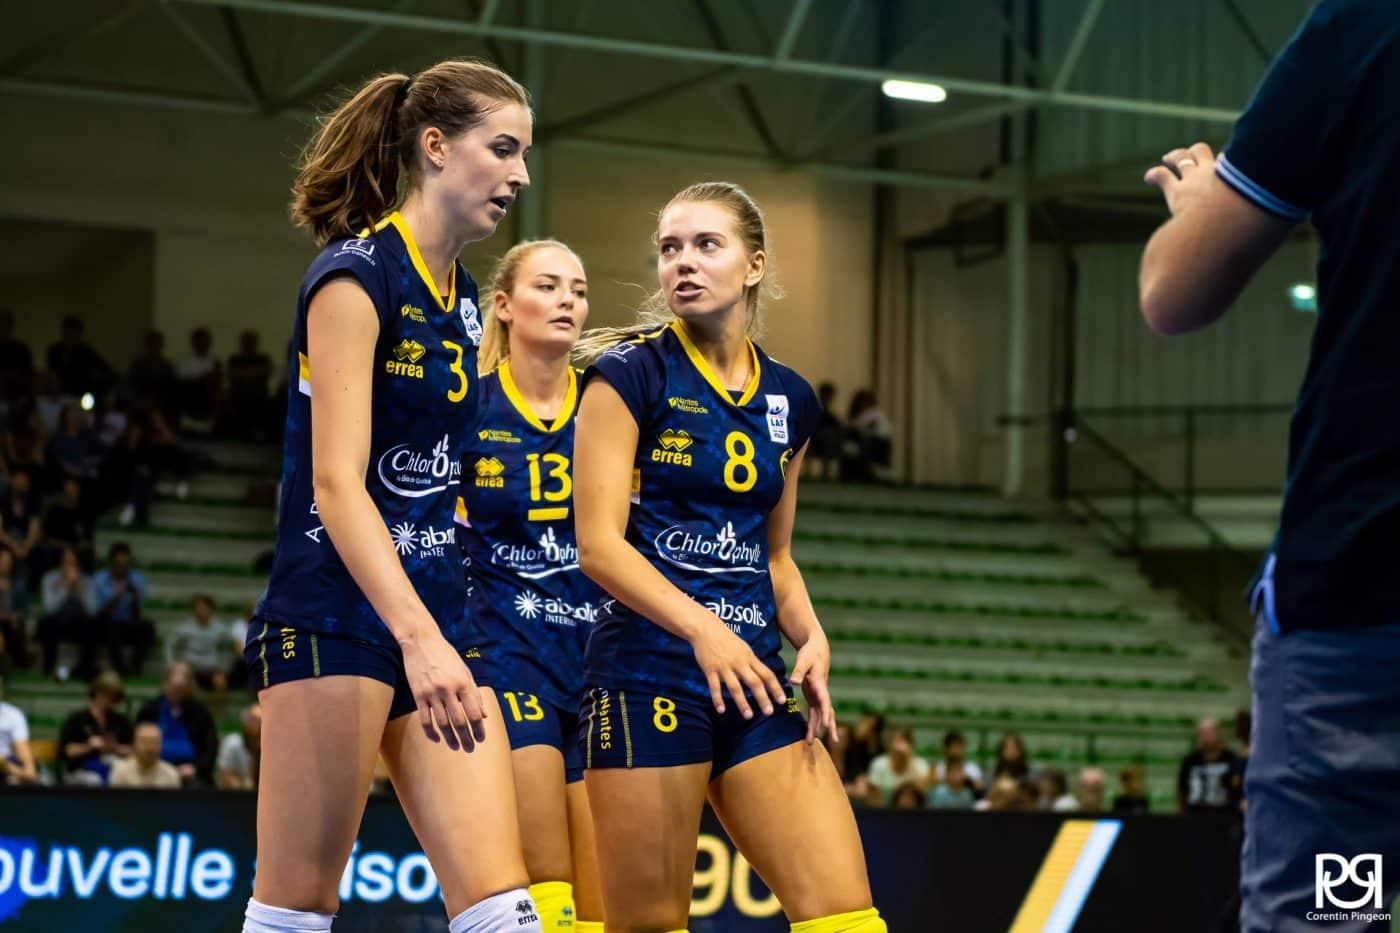 nouveau-maillot-volley-VB-Nantes-errea-2018-2019-LAF-10